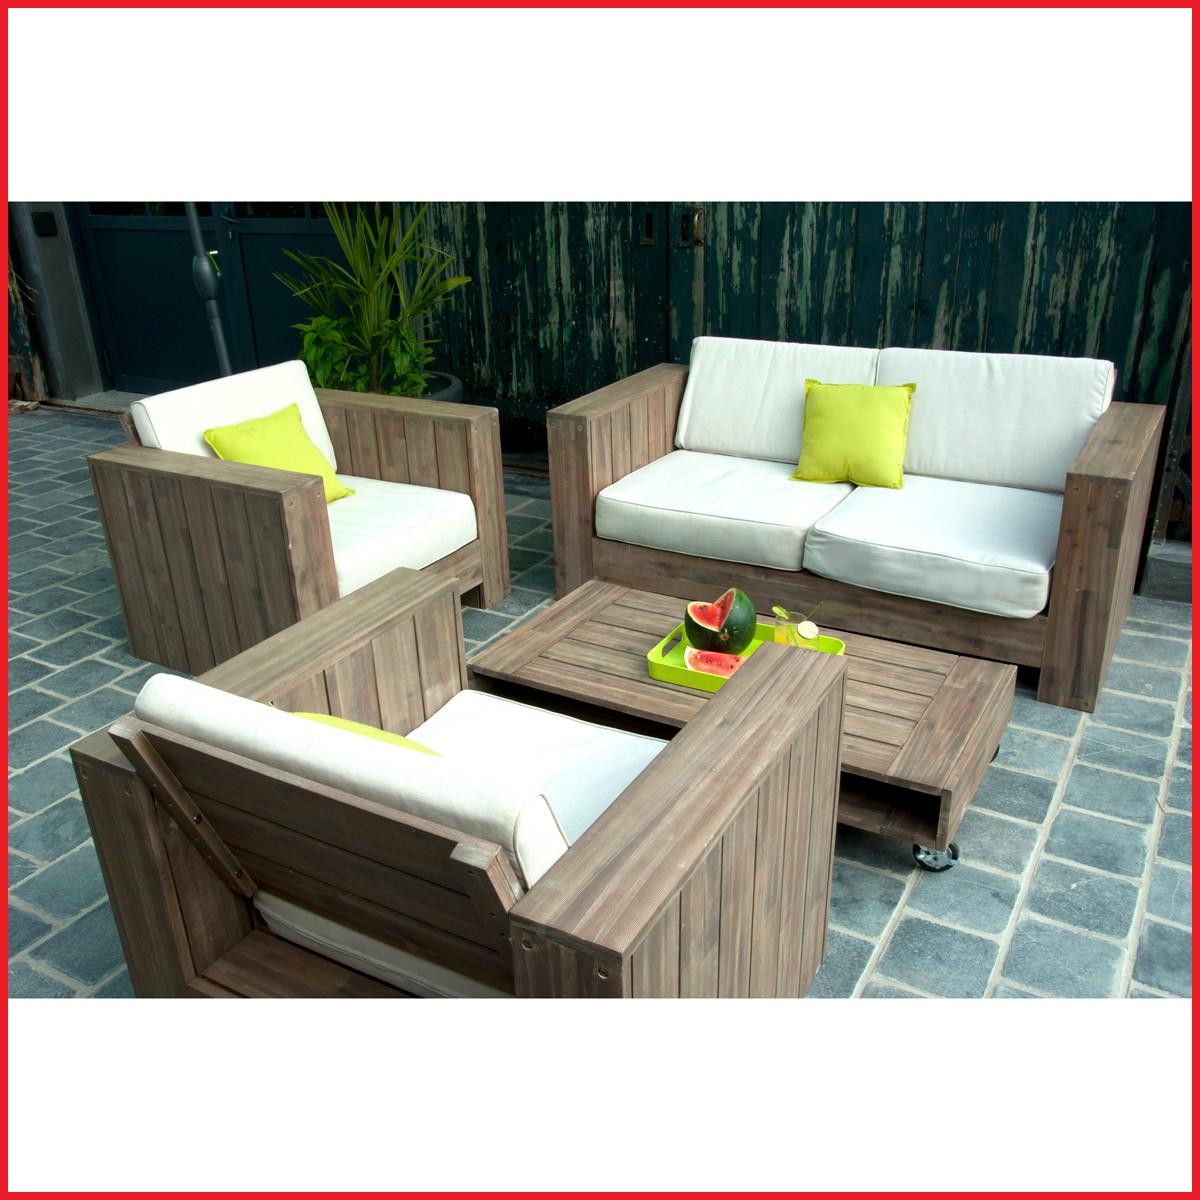 Salon de jardin avec chaise pas cher - Abri de jardin et balancoire idée